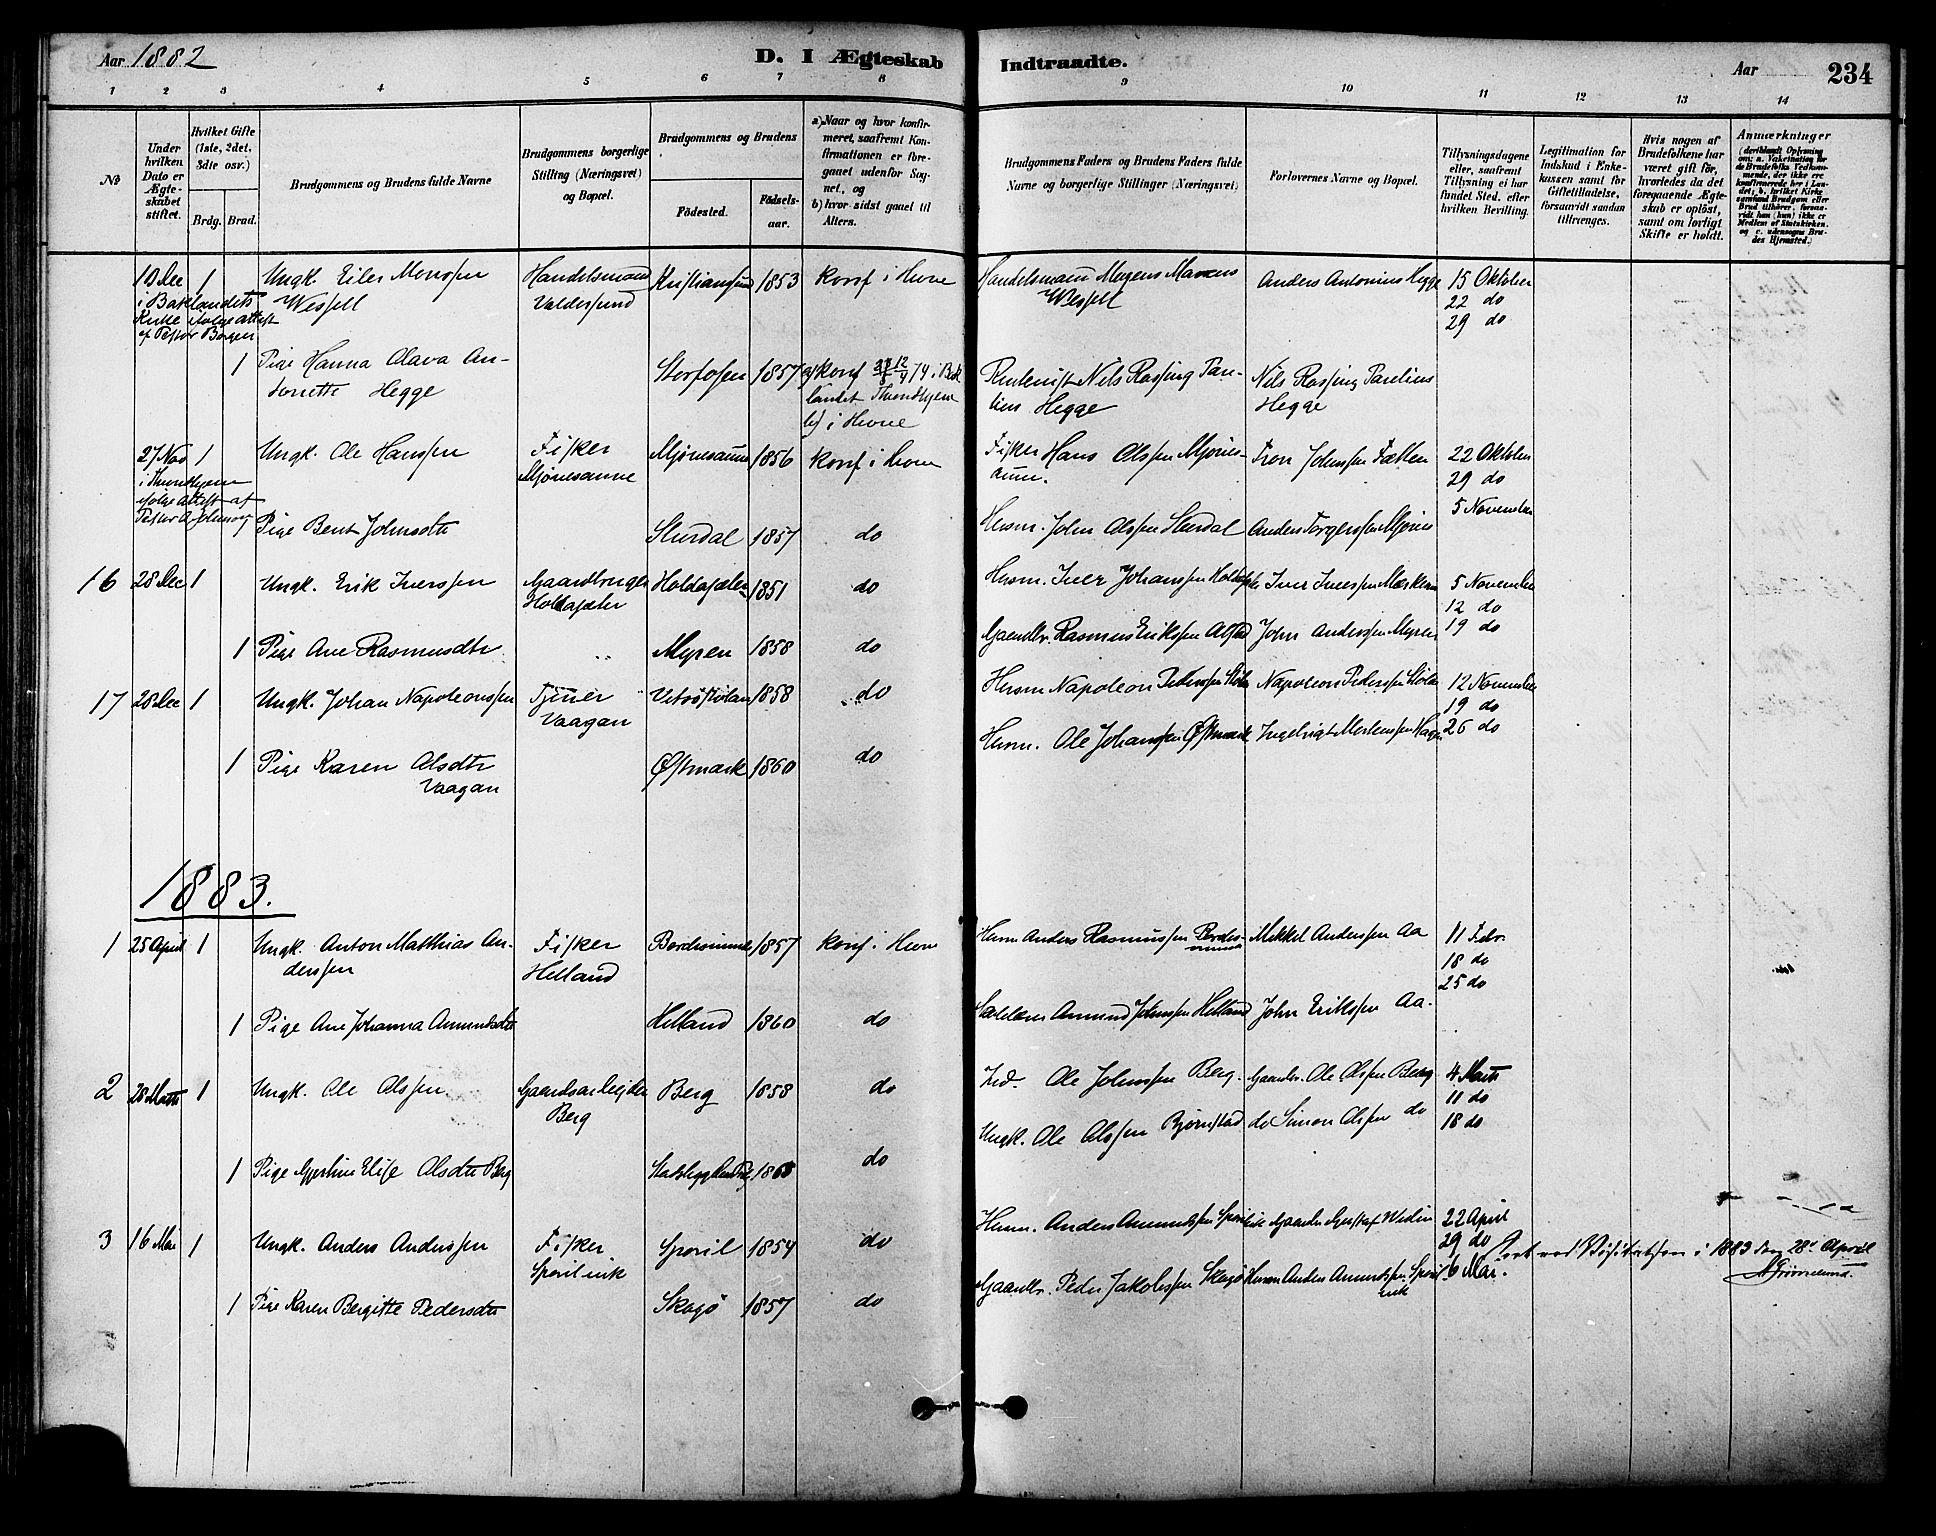 SAT, Ministerialprotokoller, klokkerbøker og fødselsregistre - Sør-Trøndelag, 630/L0496: Ministerialbok nr. 630A09, 1879-1895, s. 234